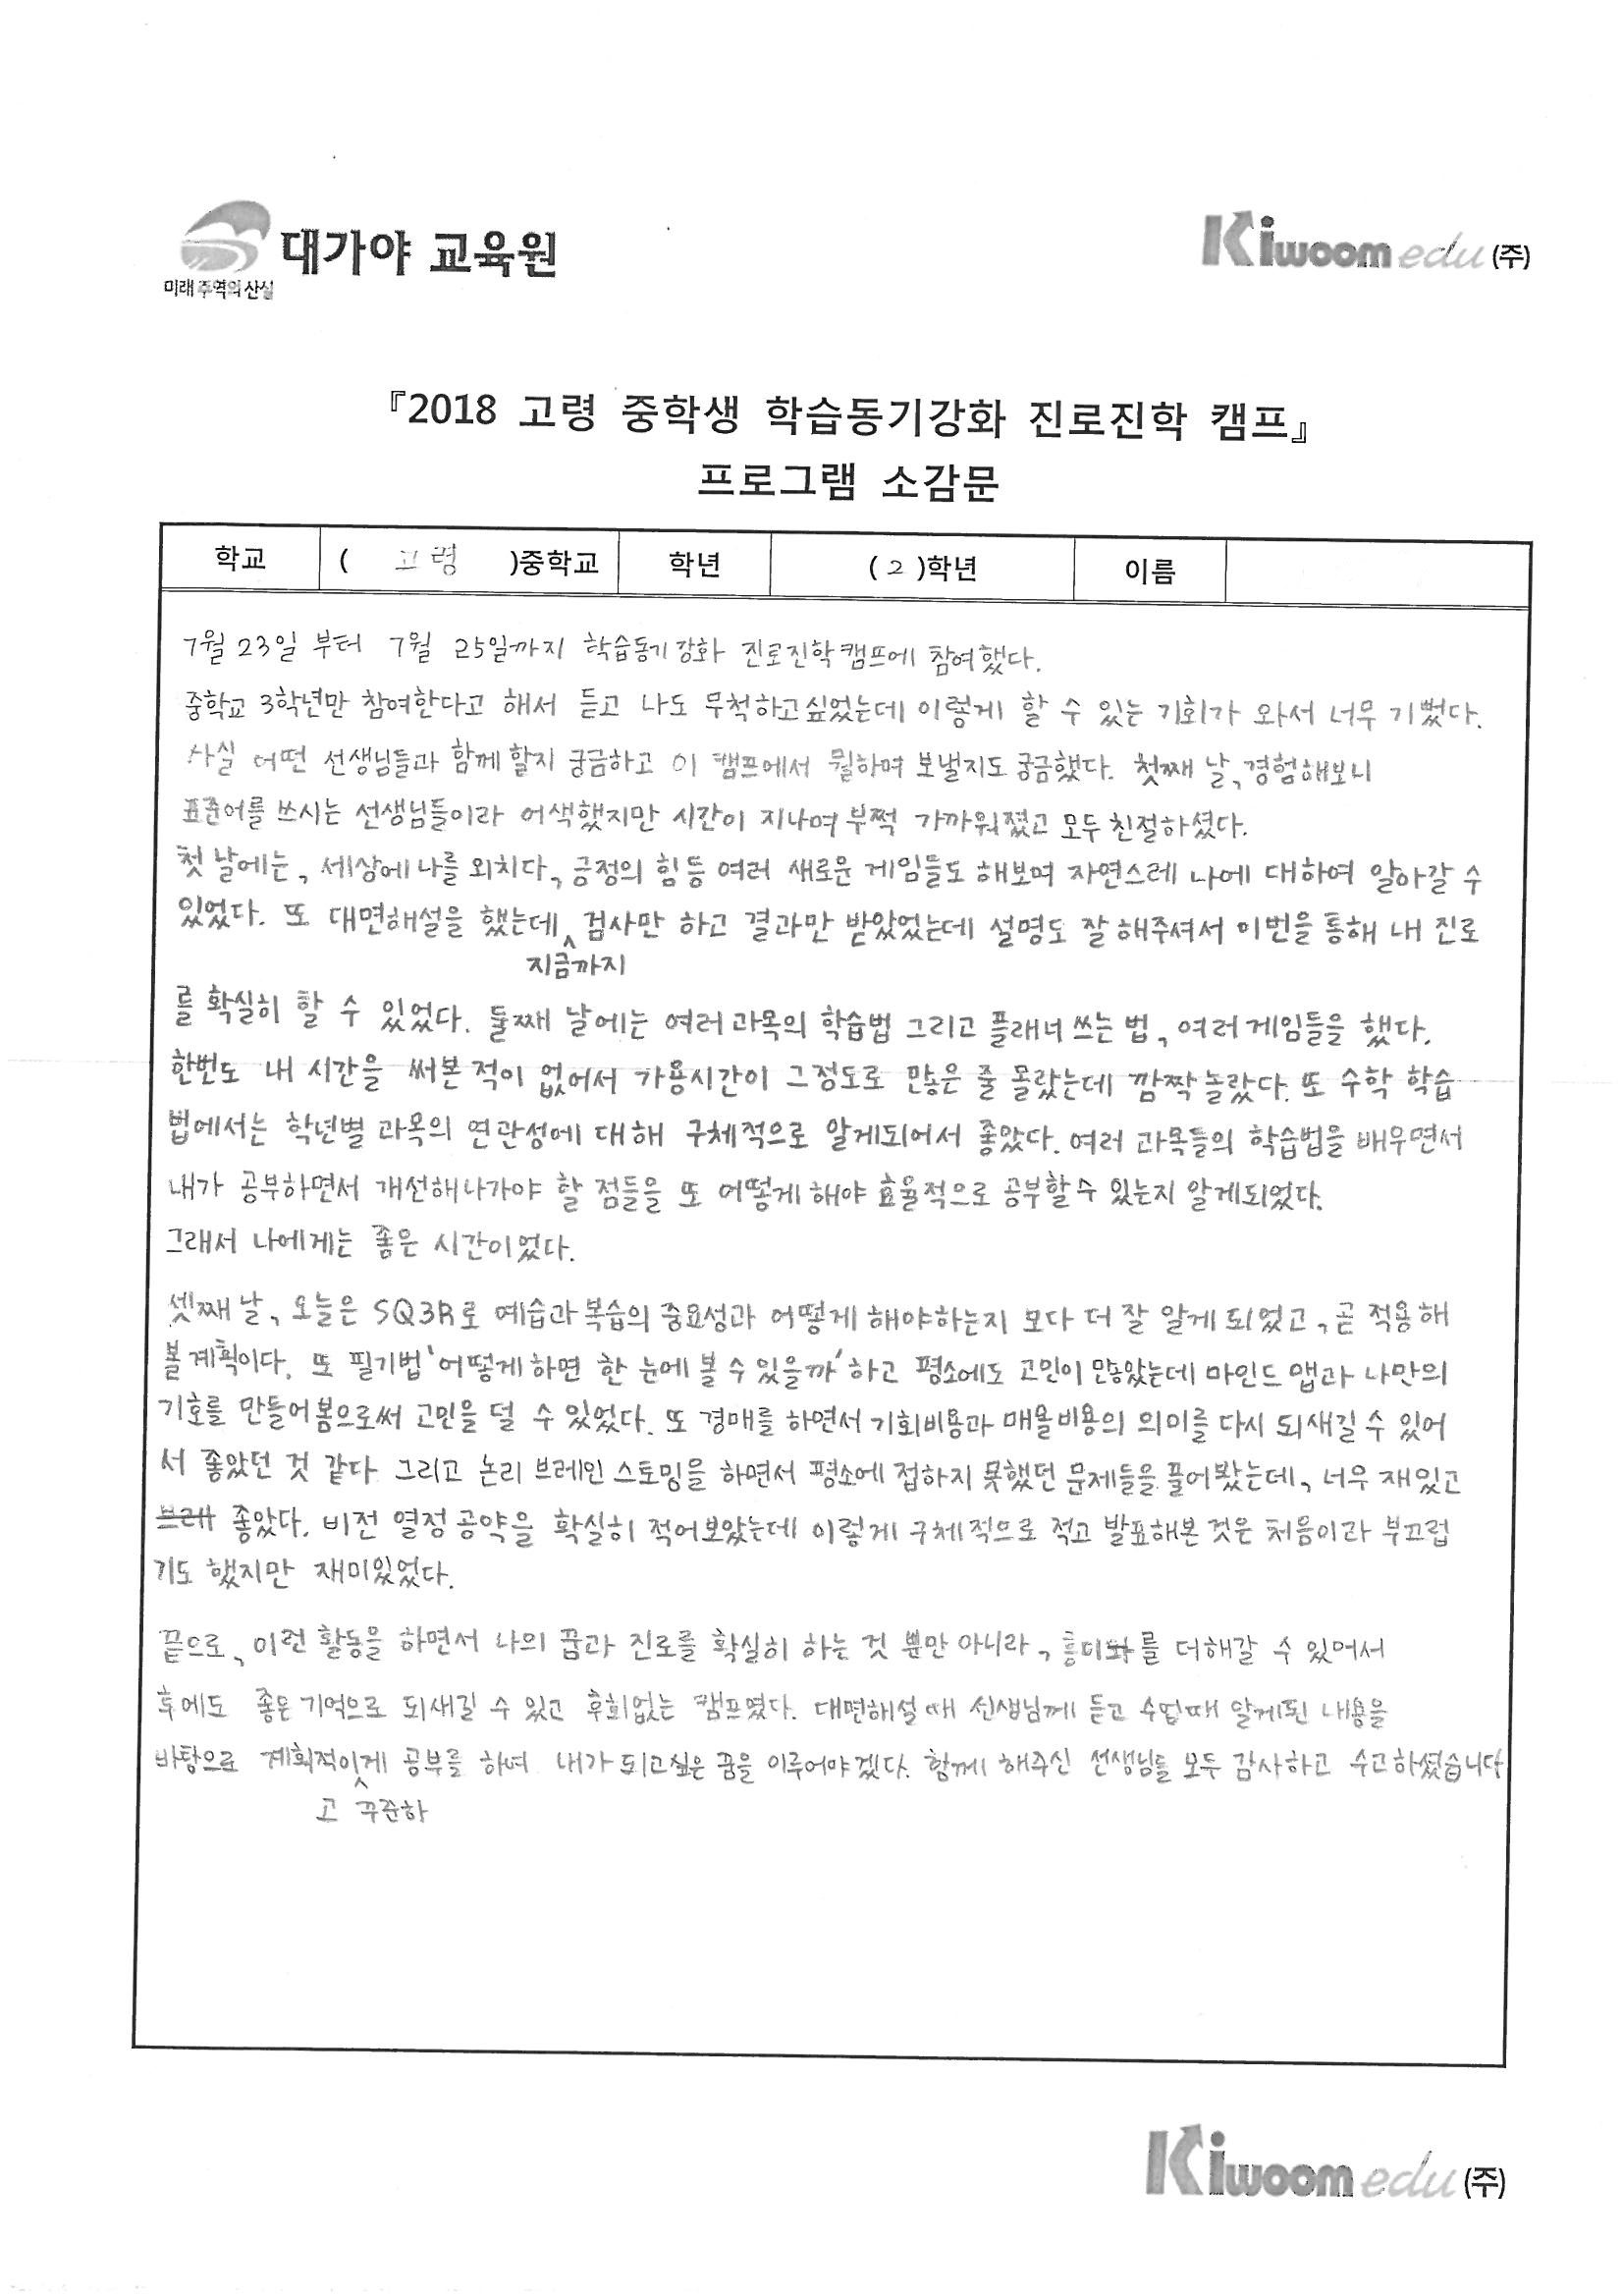 배려반 소감문_Page_01.jpg